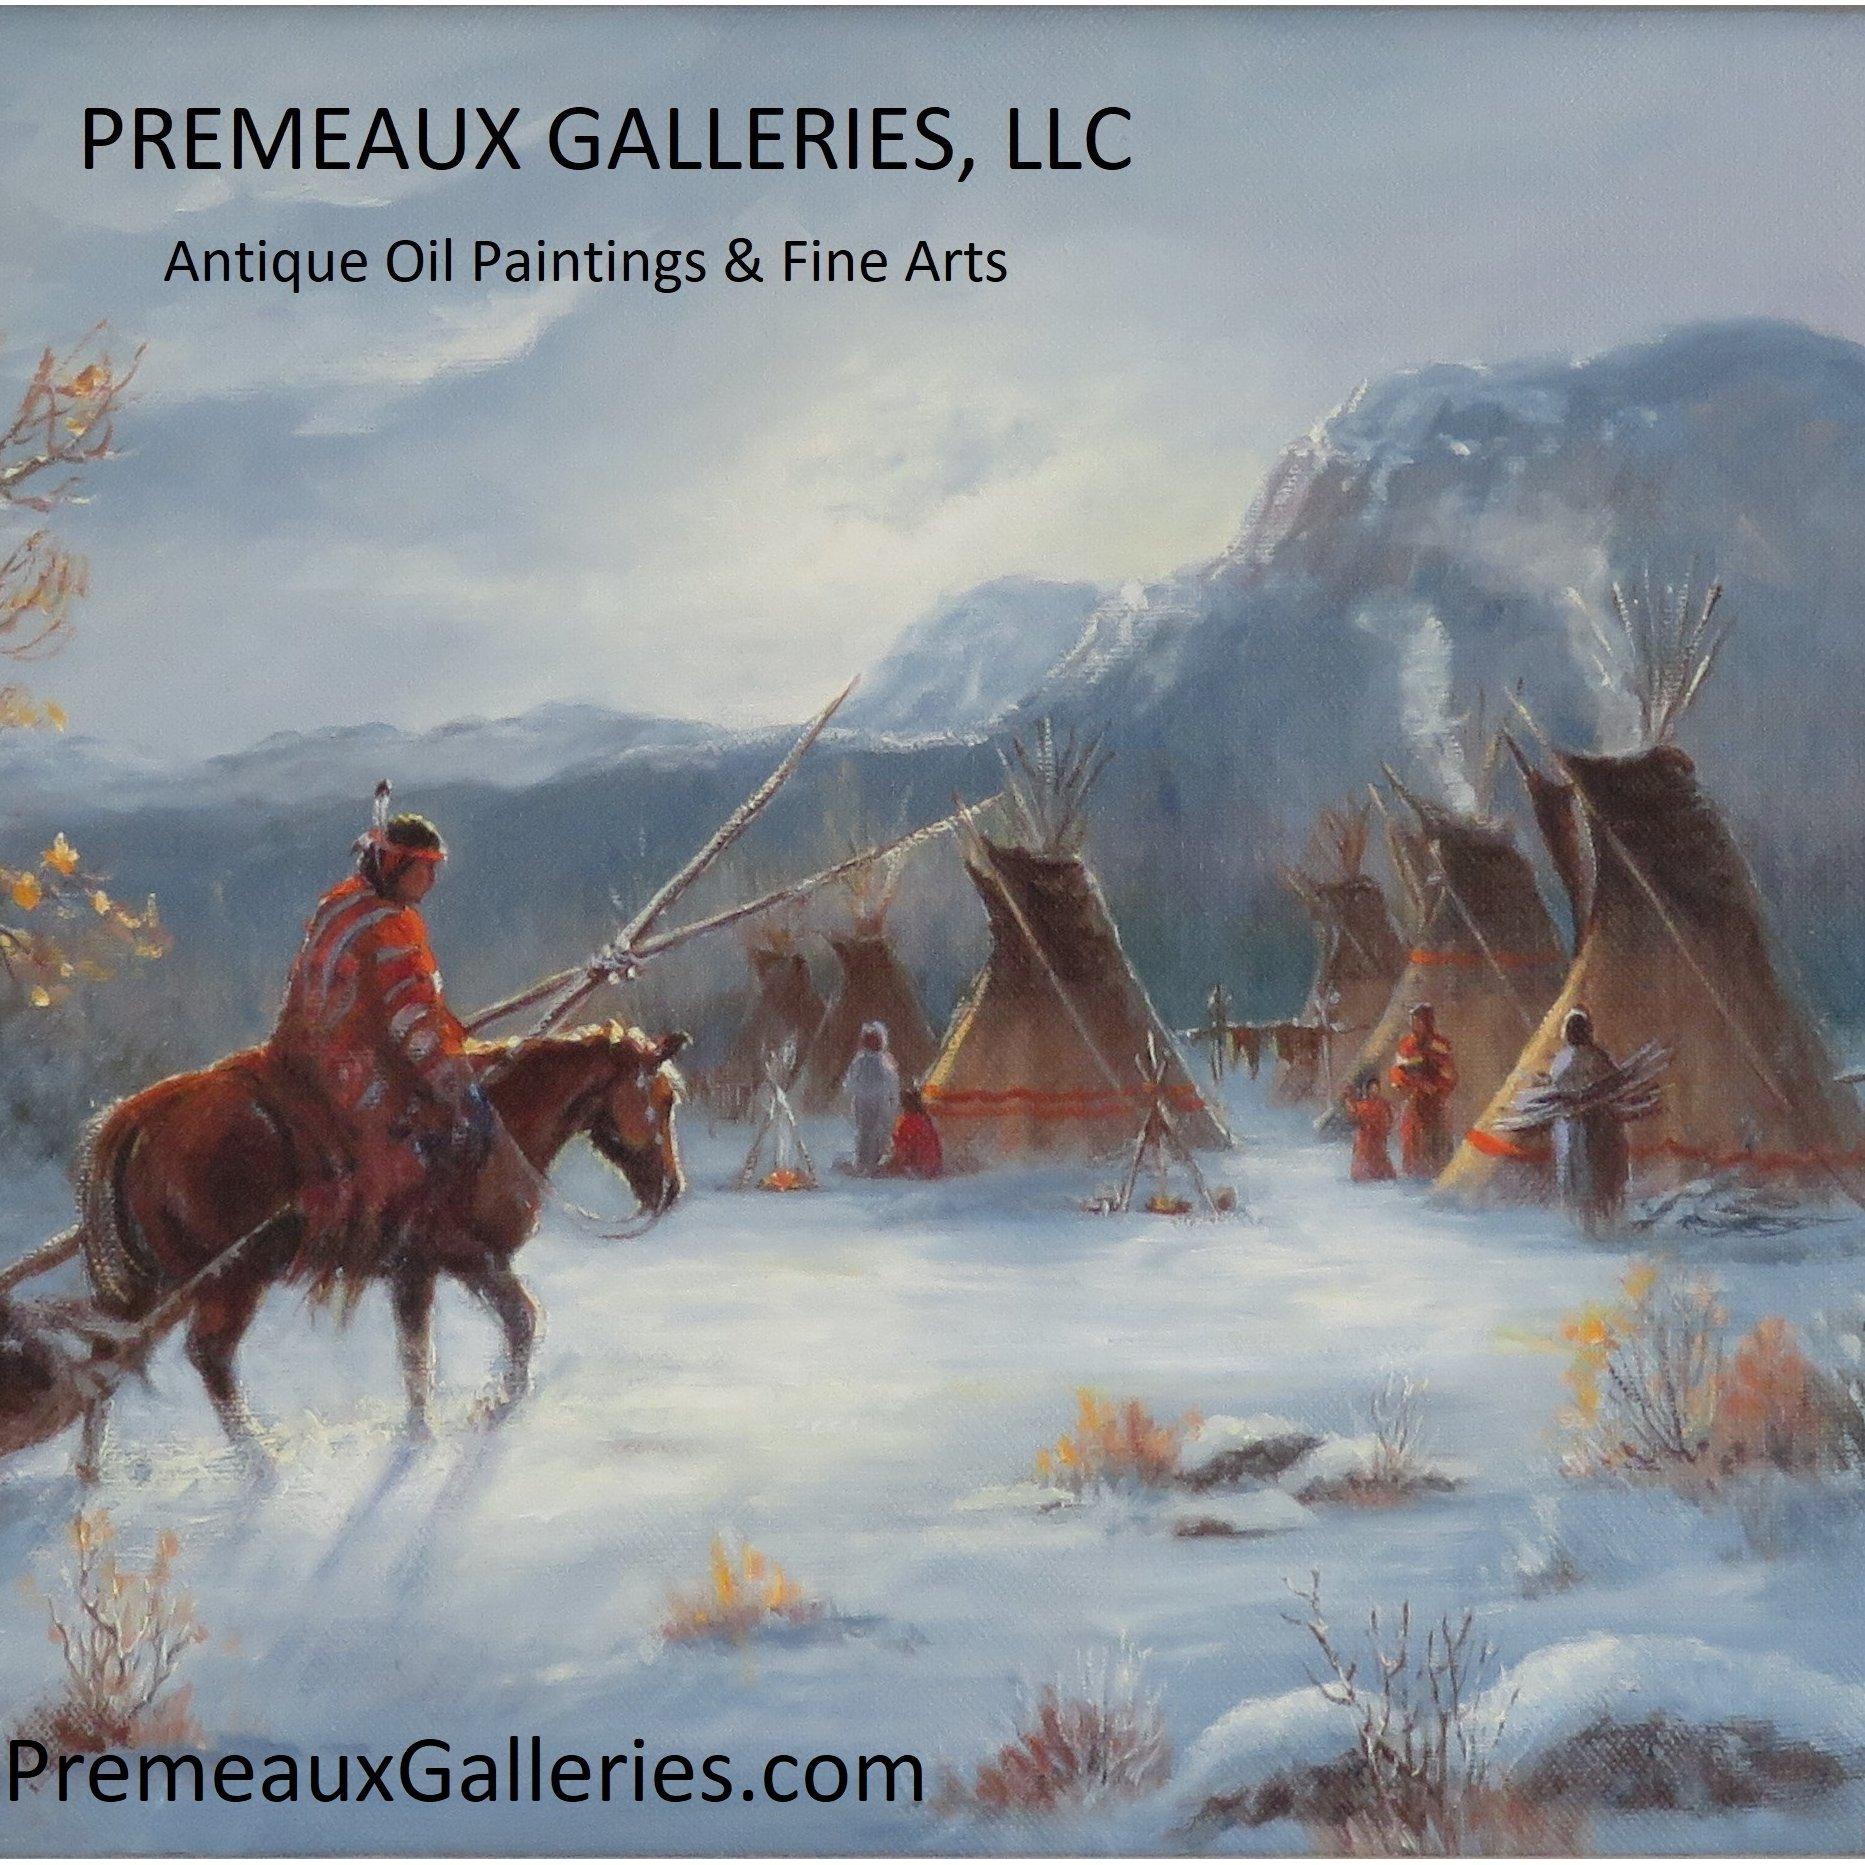 Premeaux Galleries